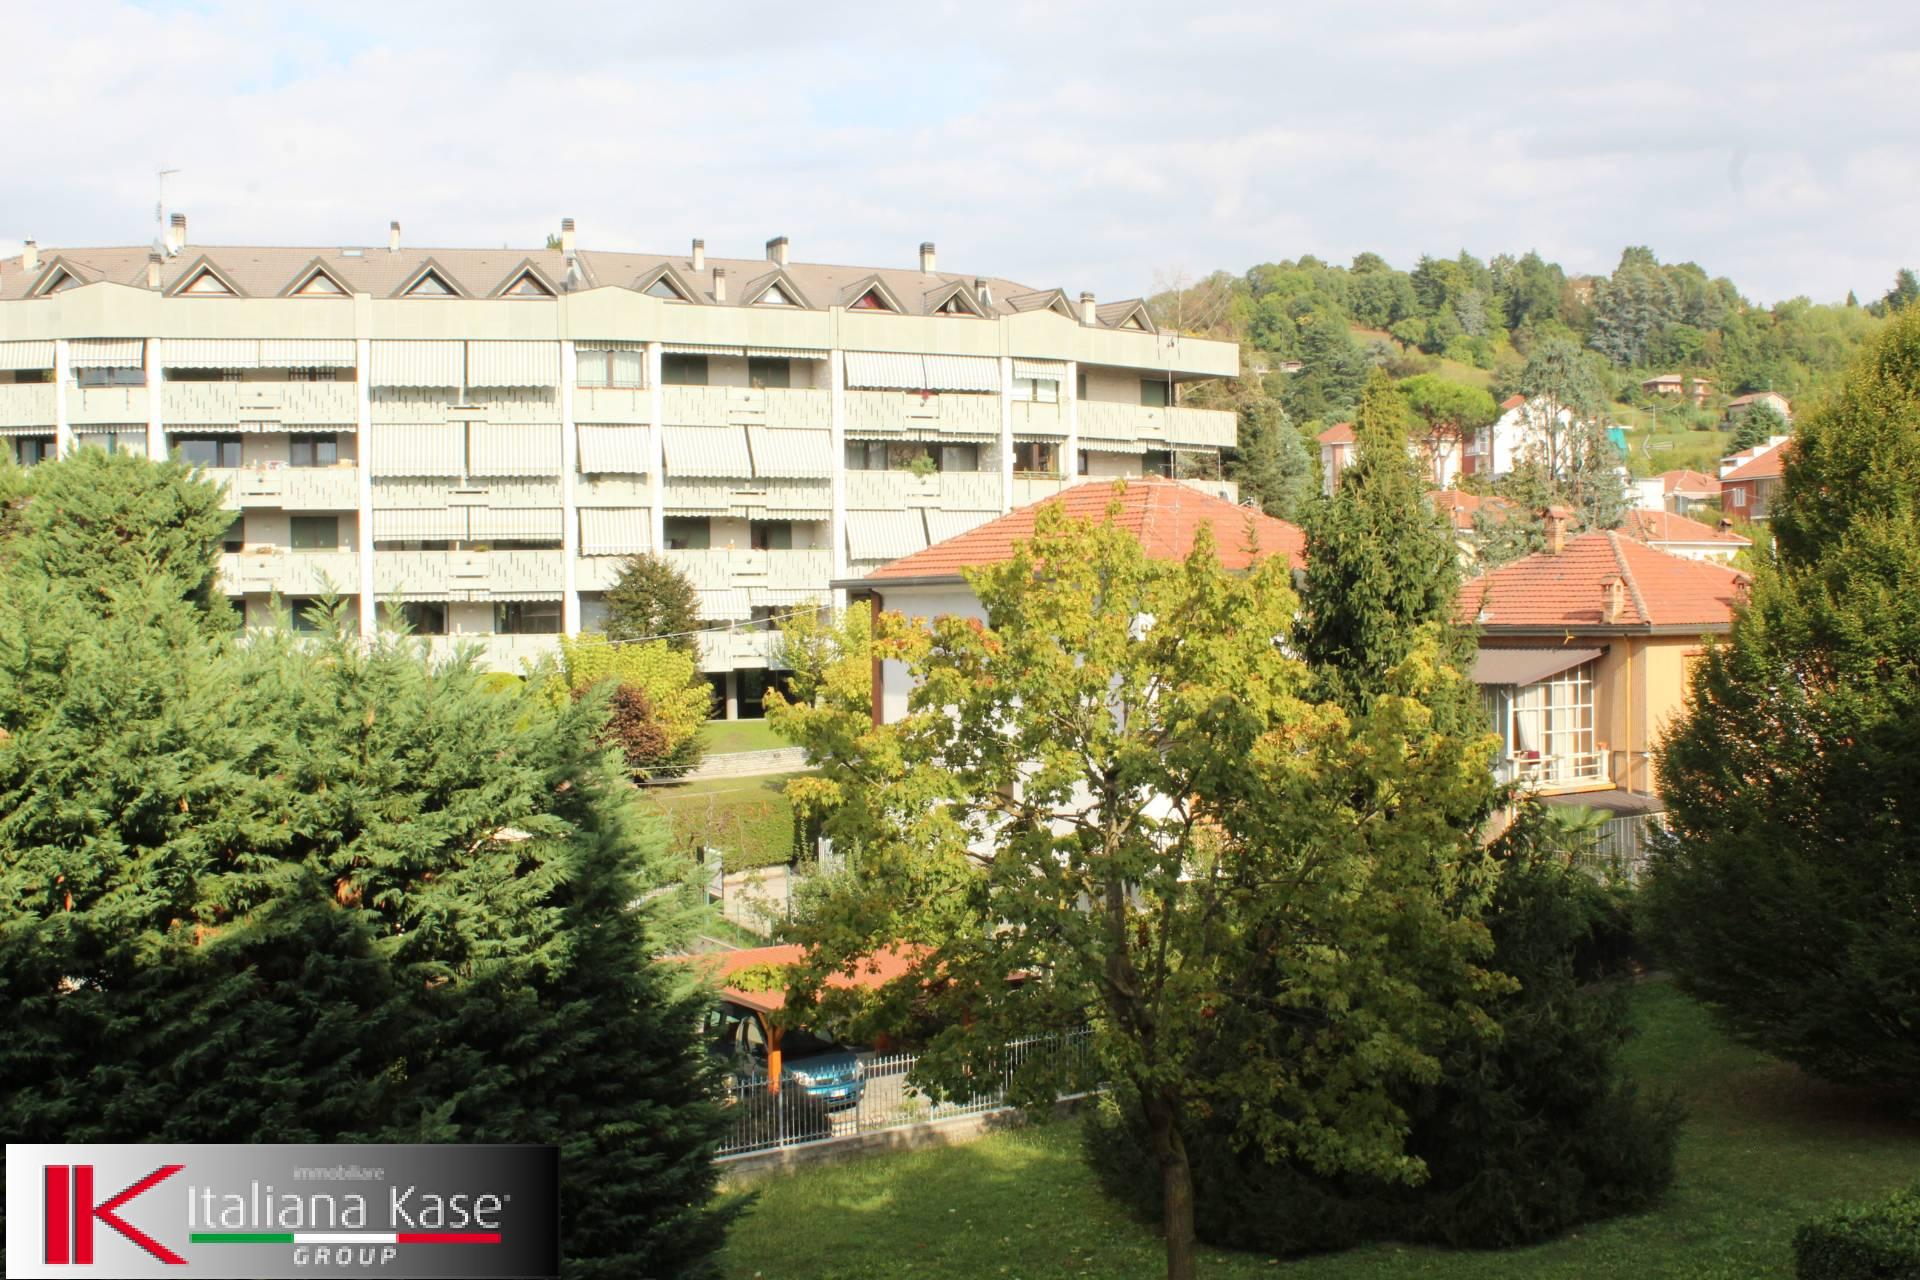 Appartamento in vendita a San Mauro Torinese, 3 locali, zona Zona: Sambuy, prezzo € 210.000   CambioCasa.it